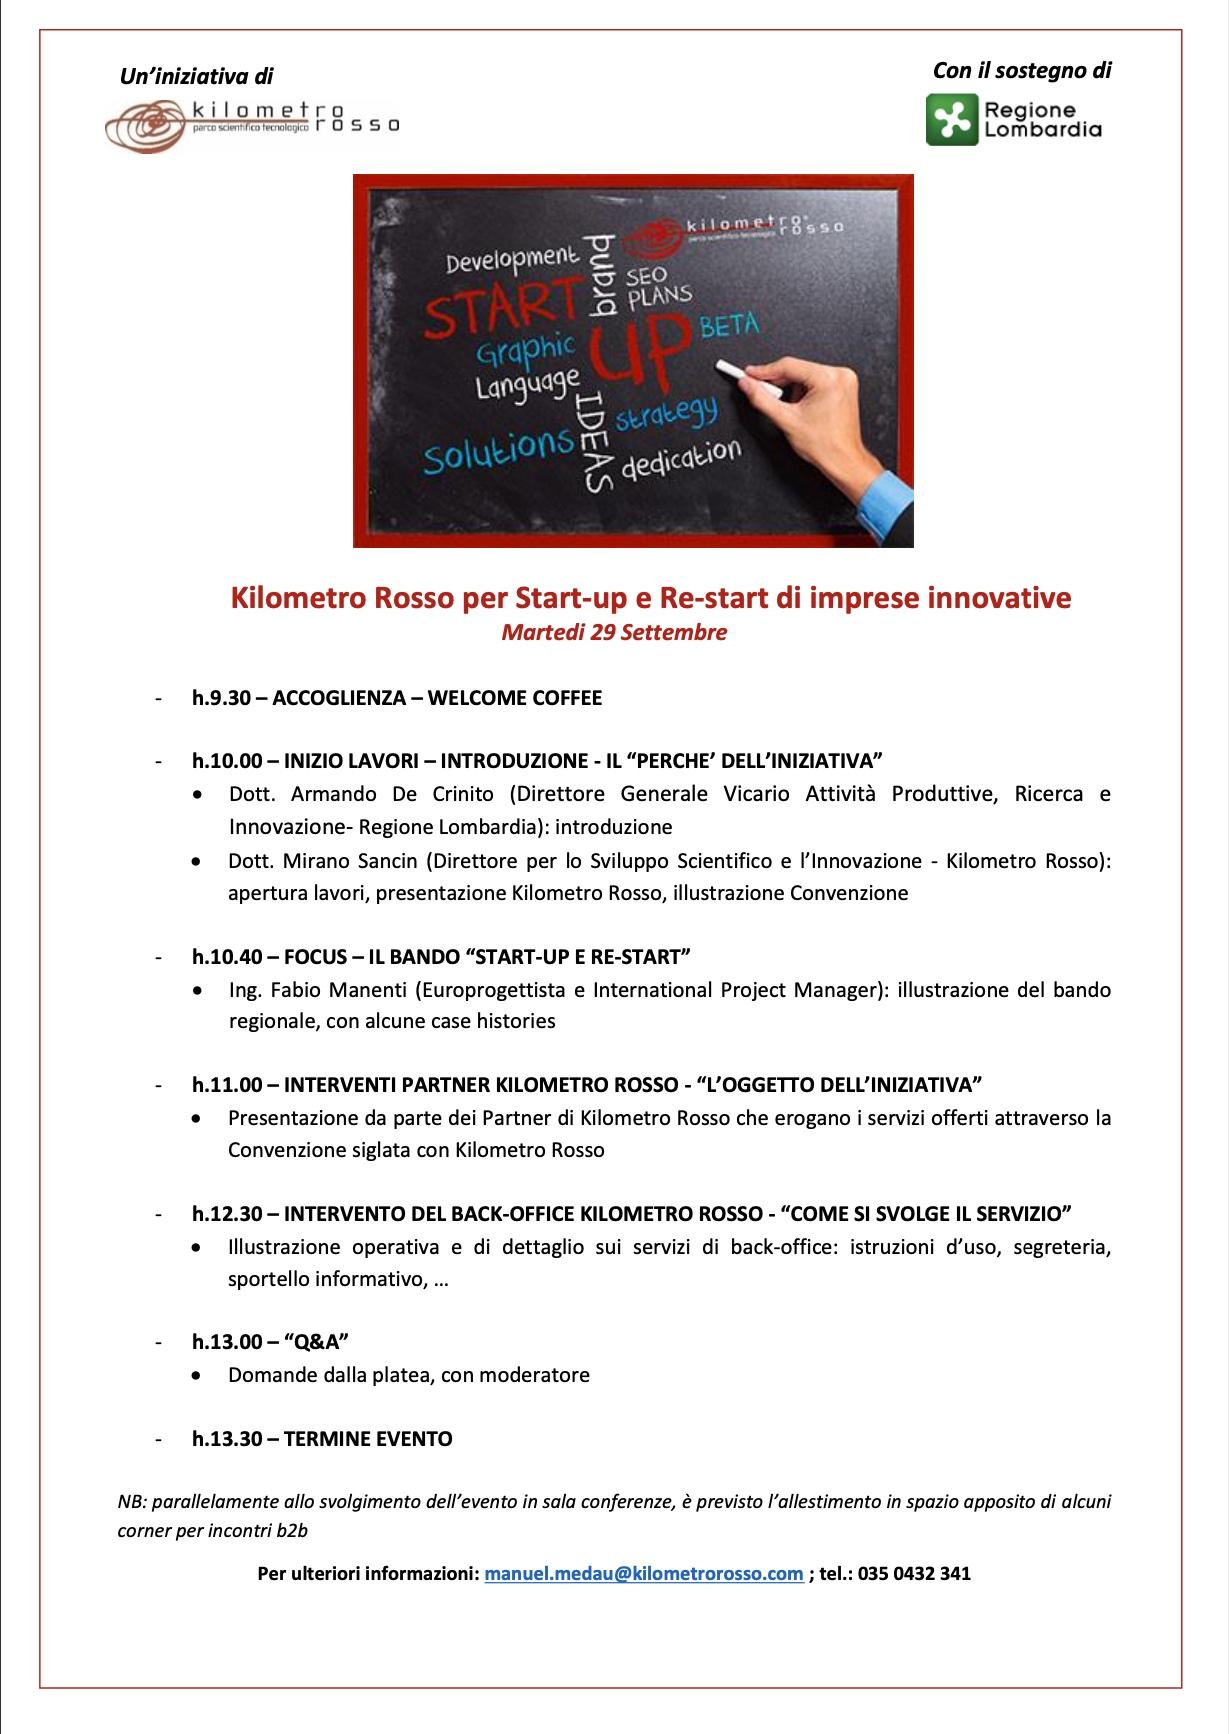 Eventi-Kilometro-Rosso-per-Startup-e-Re-start-di-imprese-innovative